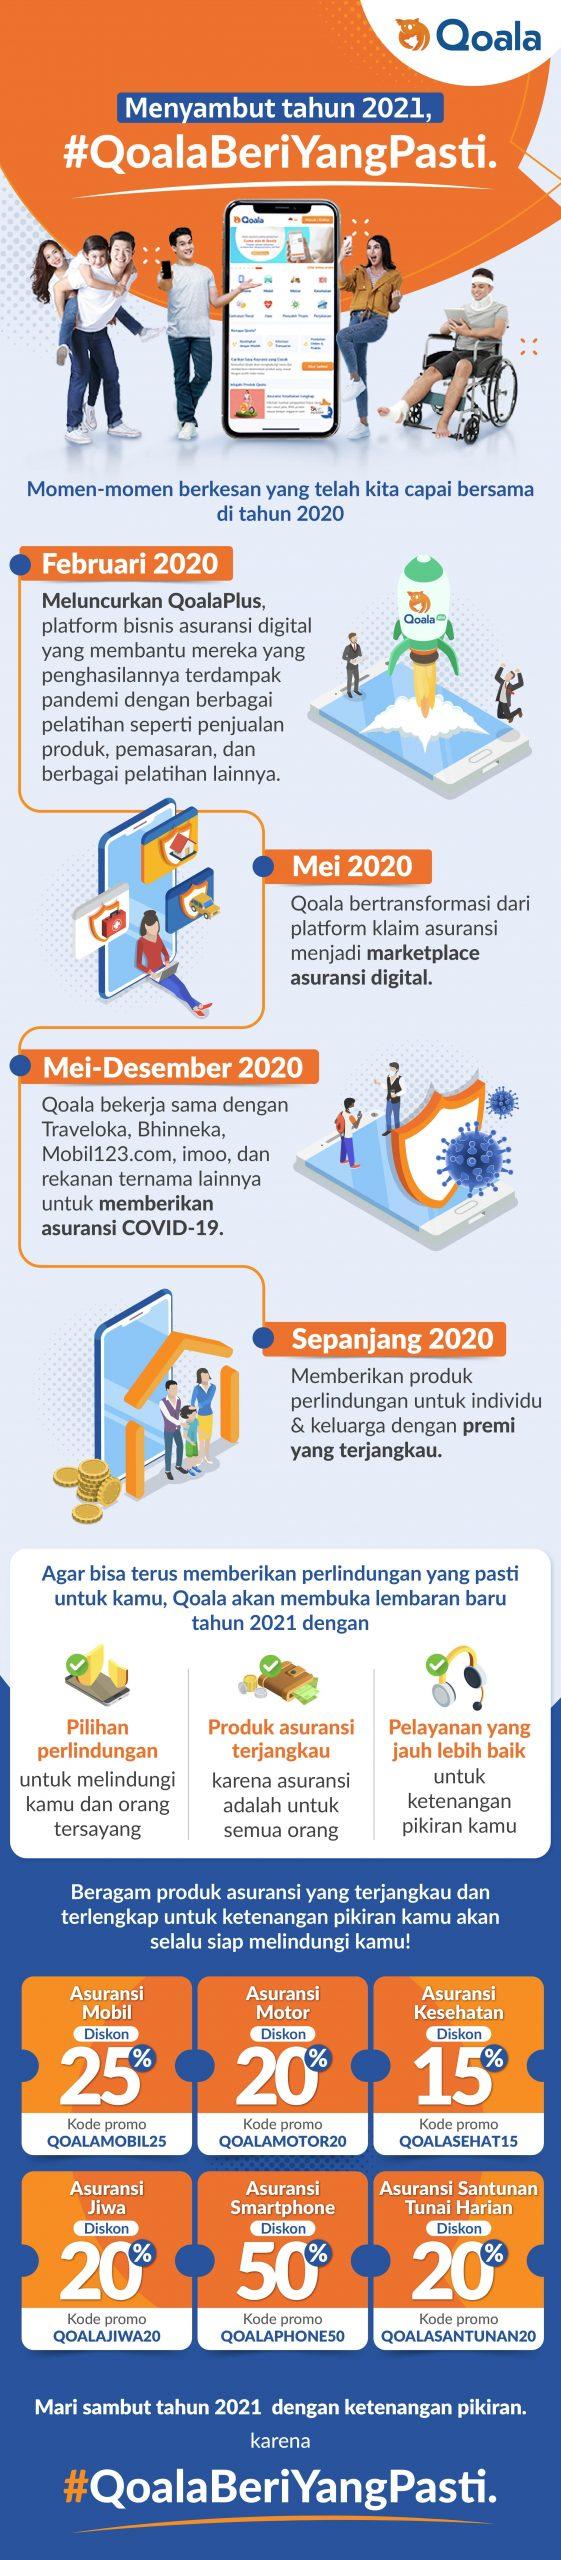 Infografik Linimasa Perjalanan Qoala Selama Tahun 2020